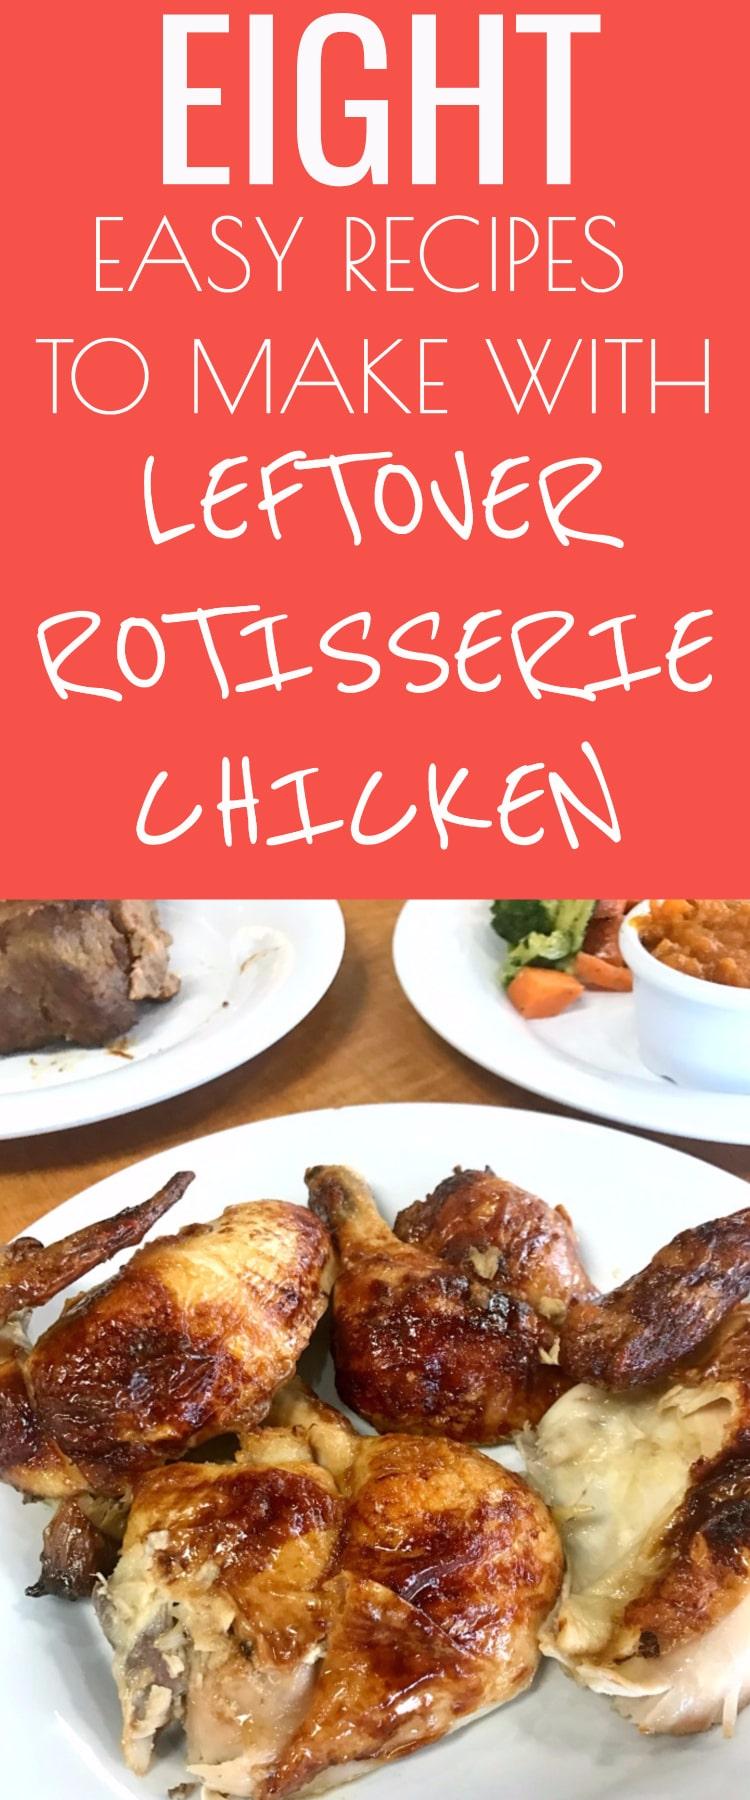 Leftover Rotisserie Chicken Recipes / Rotisserie Chicken / Leftover Rotisserie Chicken / #chicken #homemade #dinner #food #easyrecipes